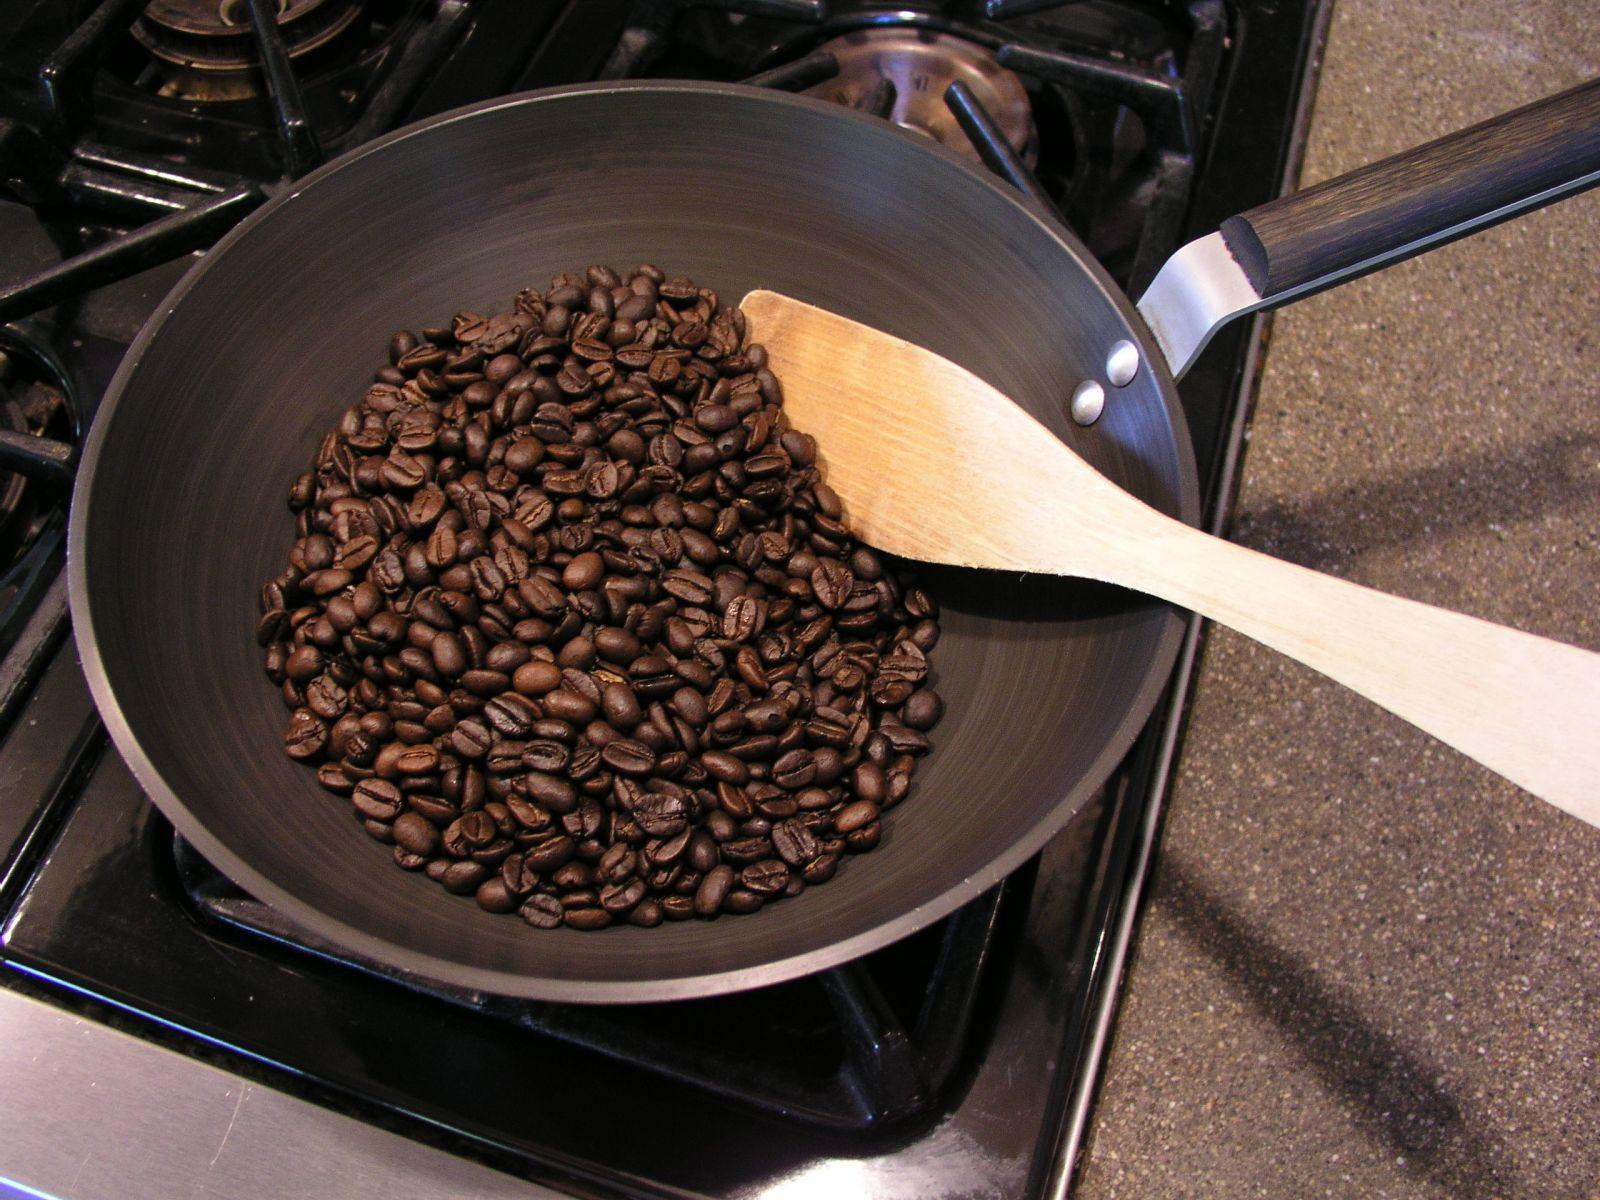 фото обжарки кофе на сковороде в домашних условиях